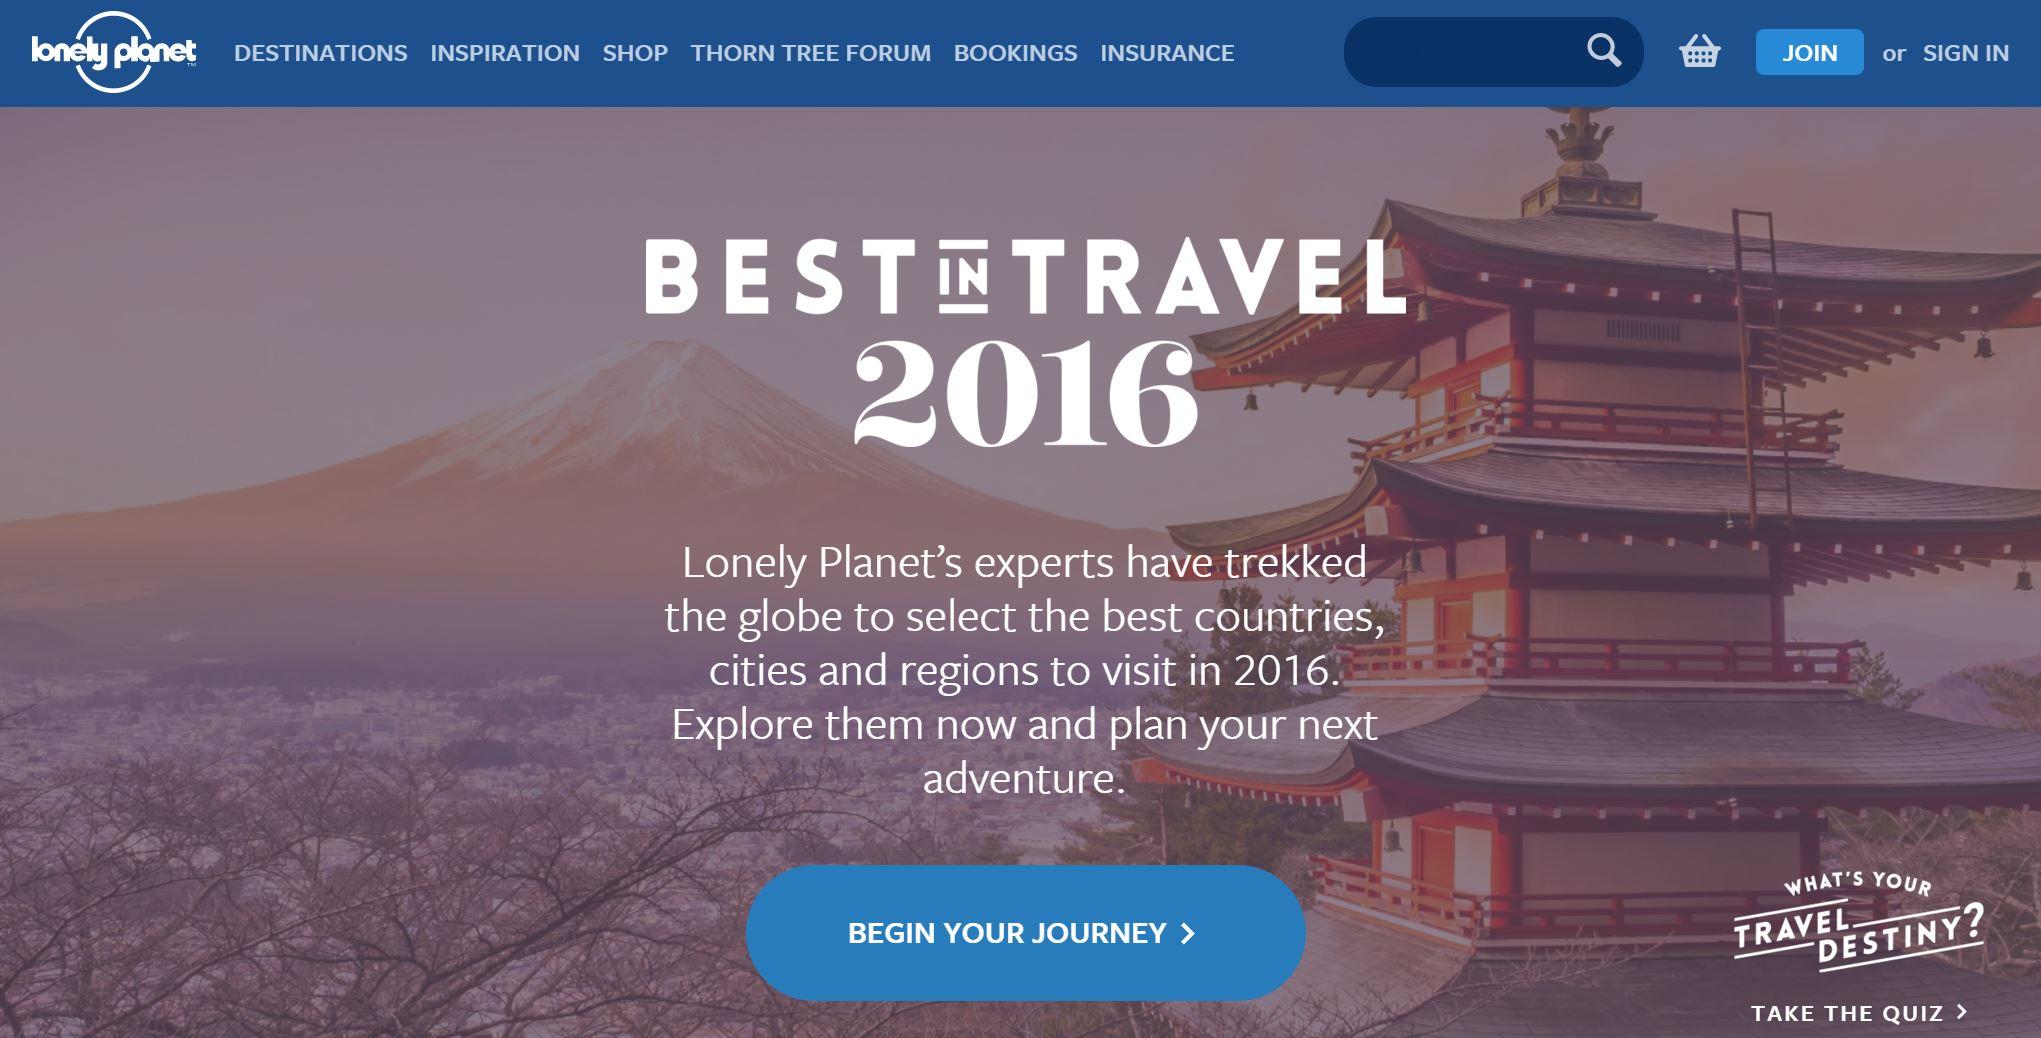 世界的旅行ガイドブックが選ぶ旅行先ランキング、日本が訪れるべき国で2位に ーロンリープラネット